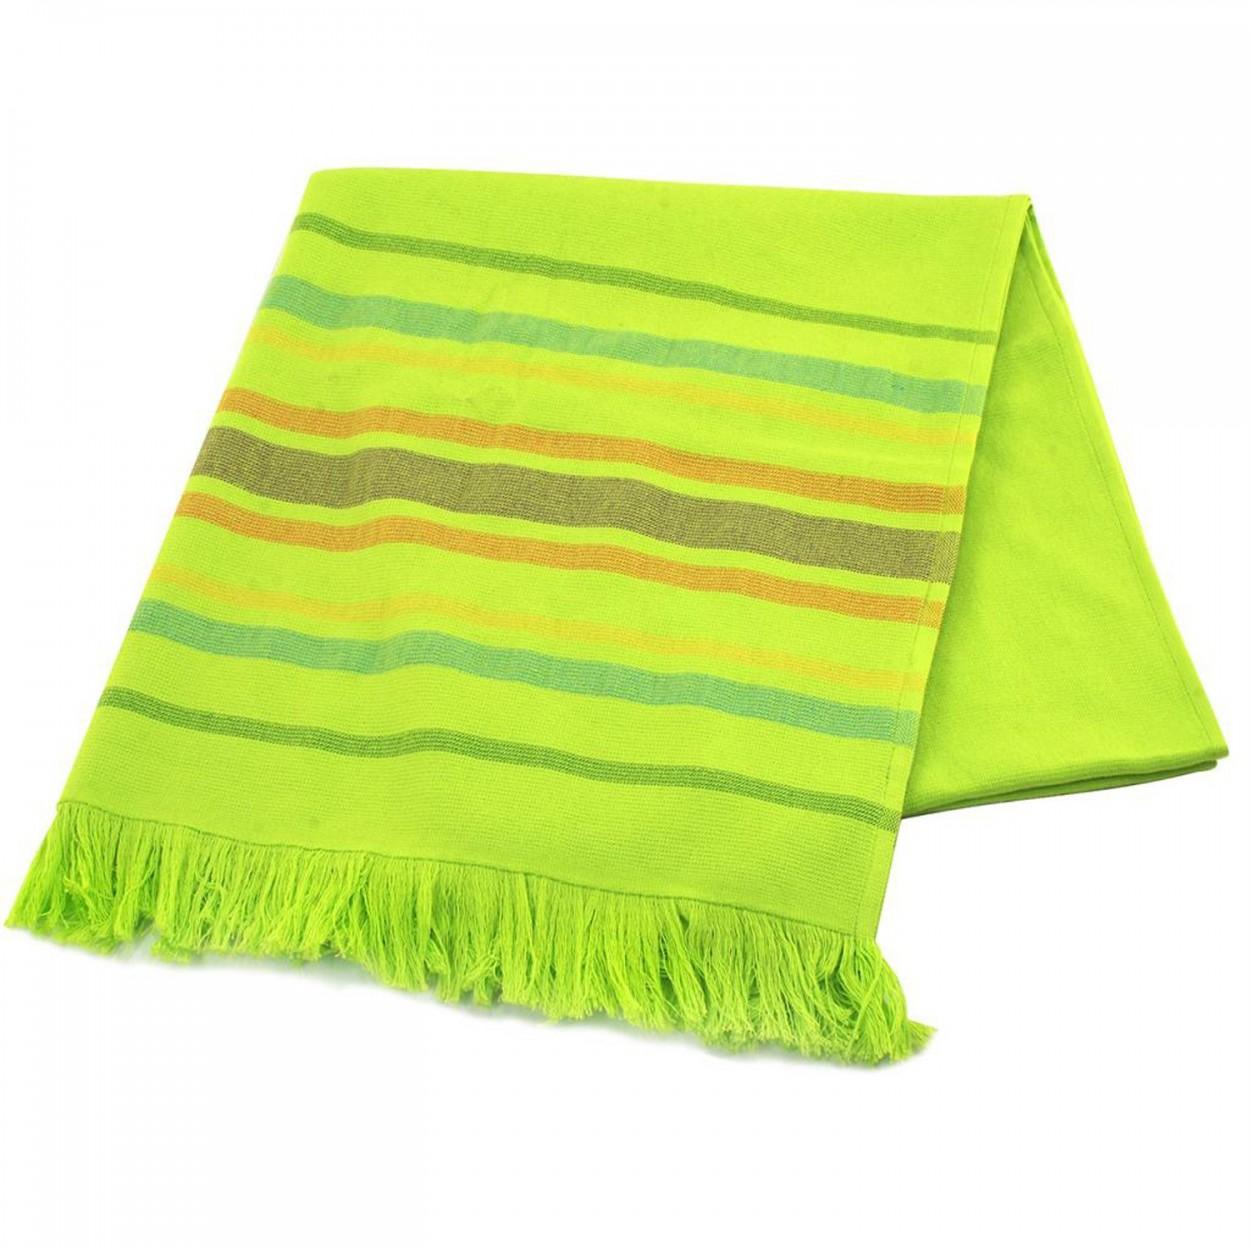 Toalla de algod n y poli ster pestemal de color verde hogar y m s - Toallas de algodon ...